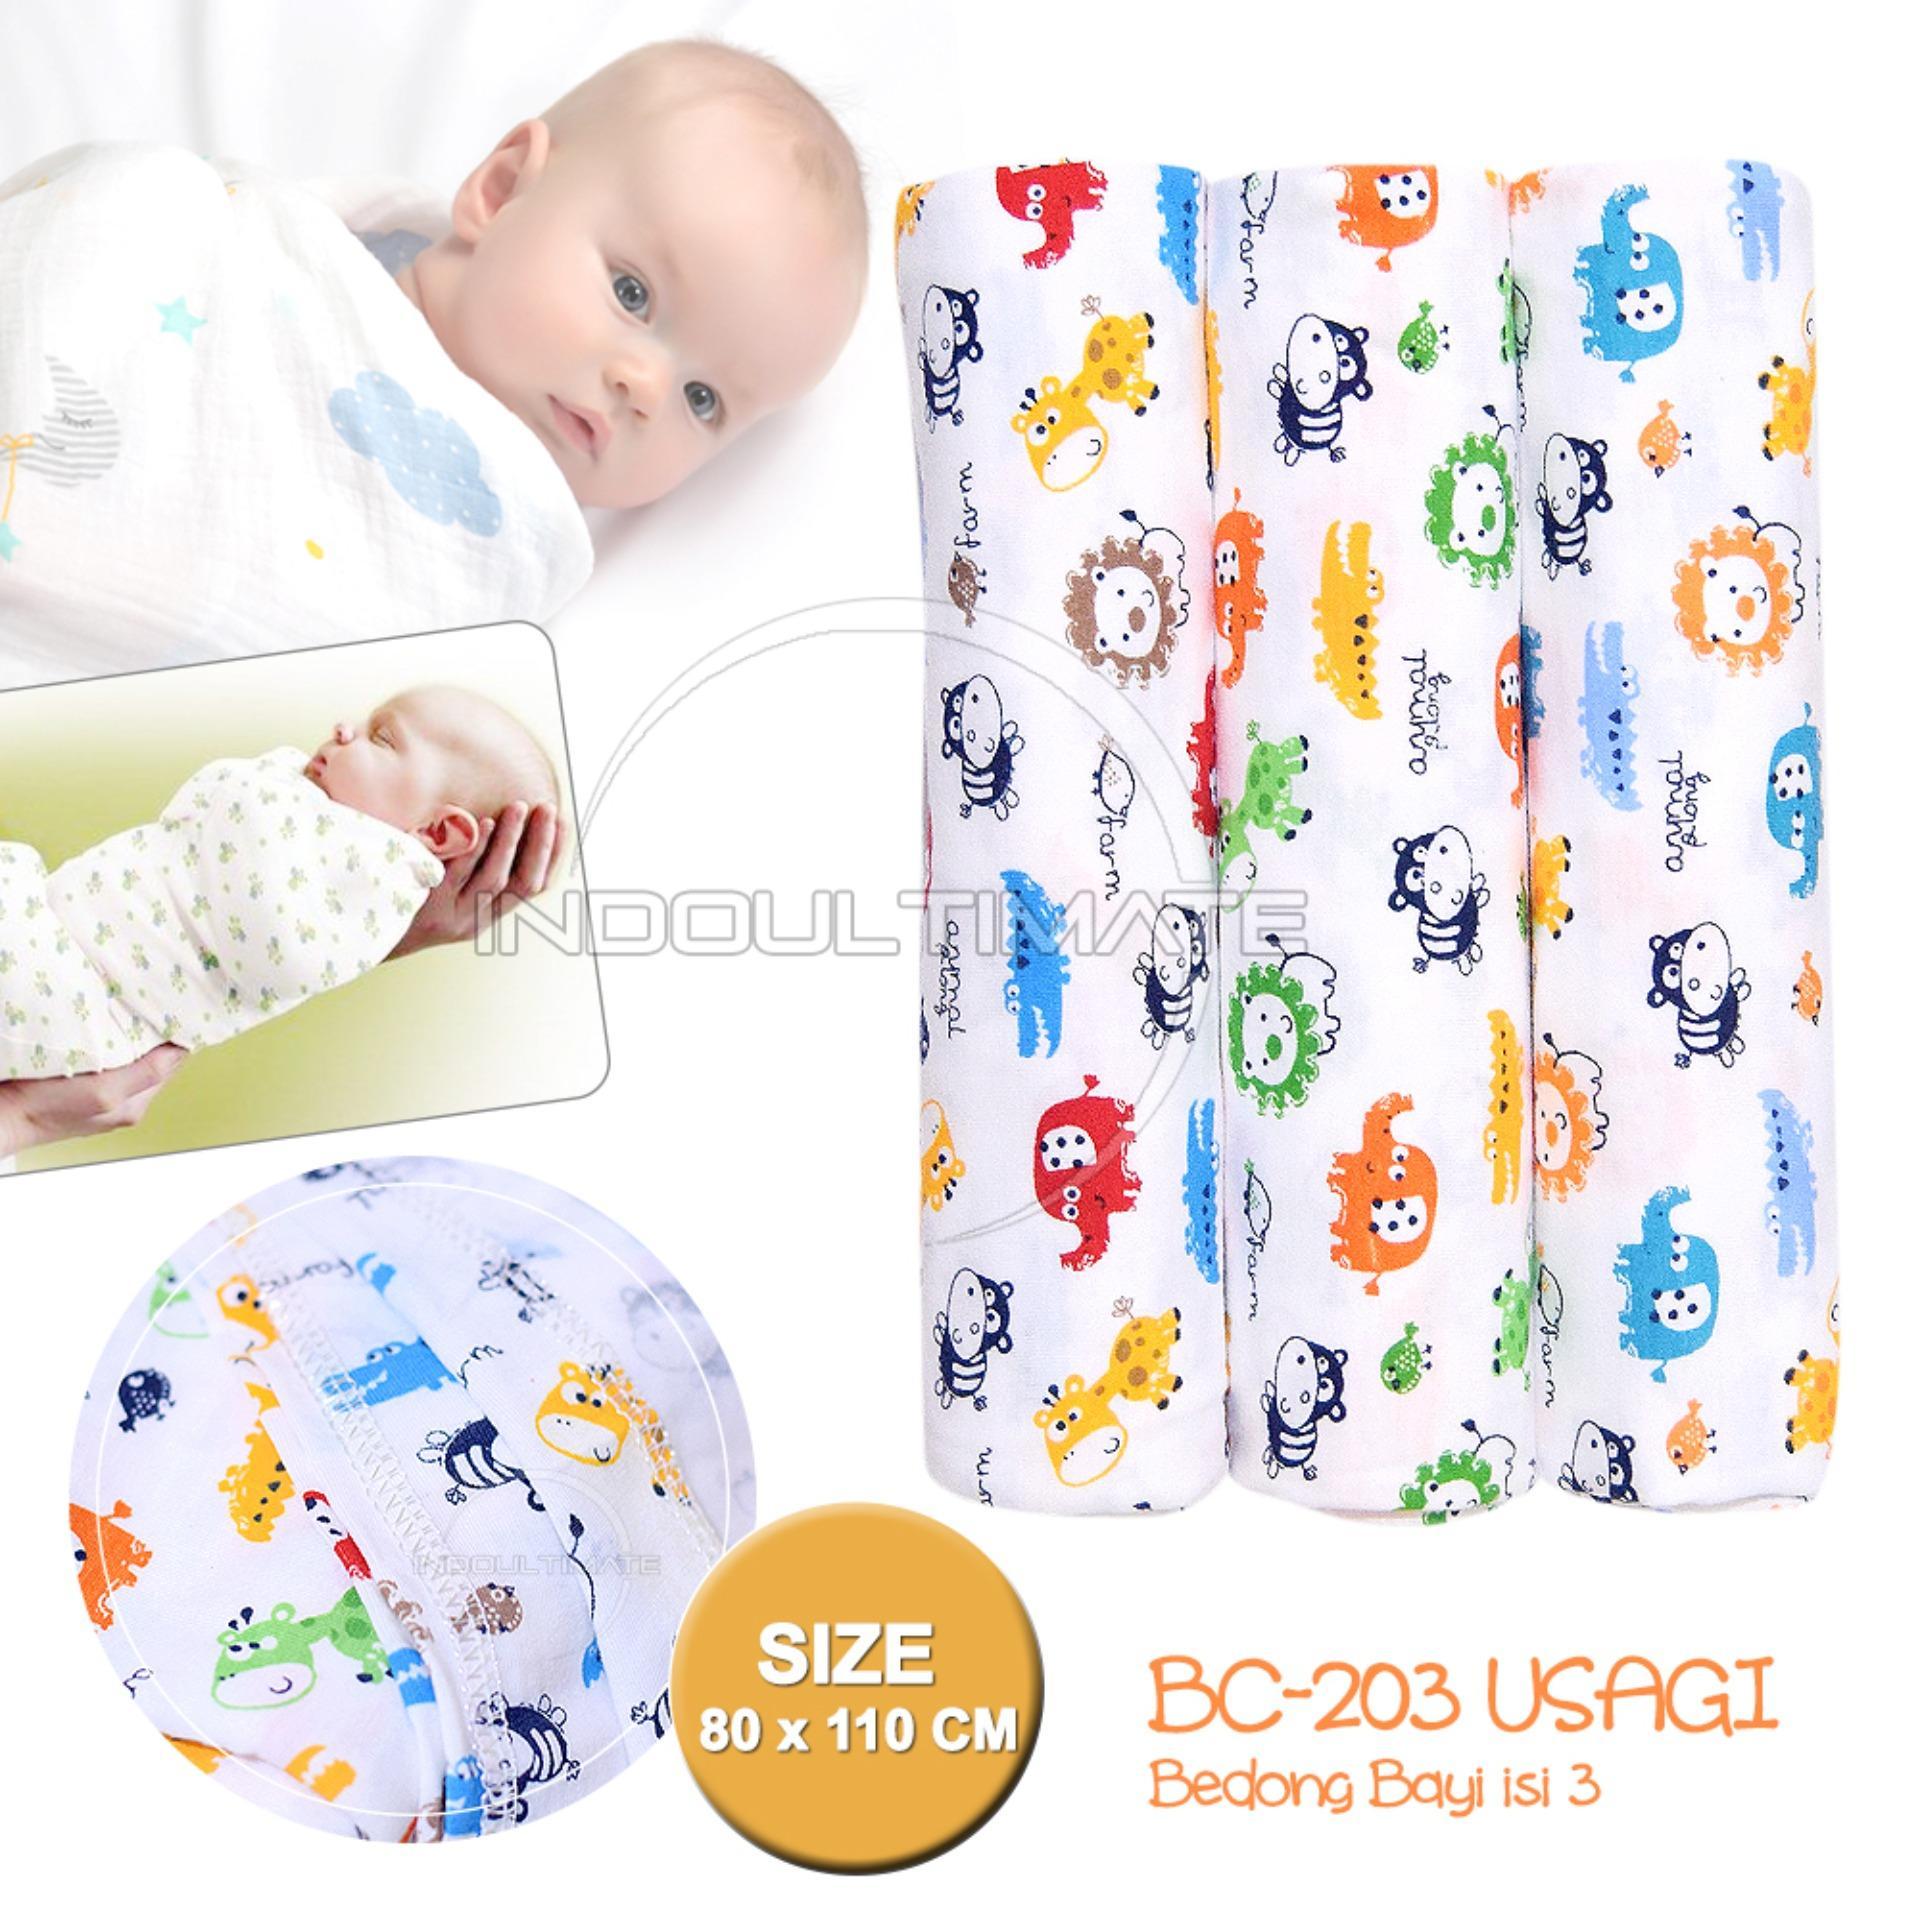 Perlak Alas Ompol Tidur Bayi Kain Salur Isi 6 Daftar Harga Atau Motif Premium Bedong Usagi 3pcs Ukuran 3in1 Selimut